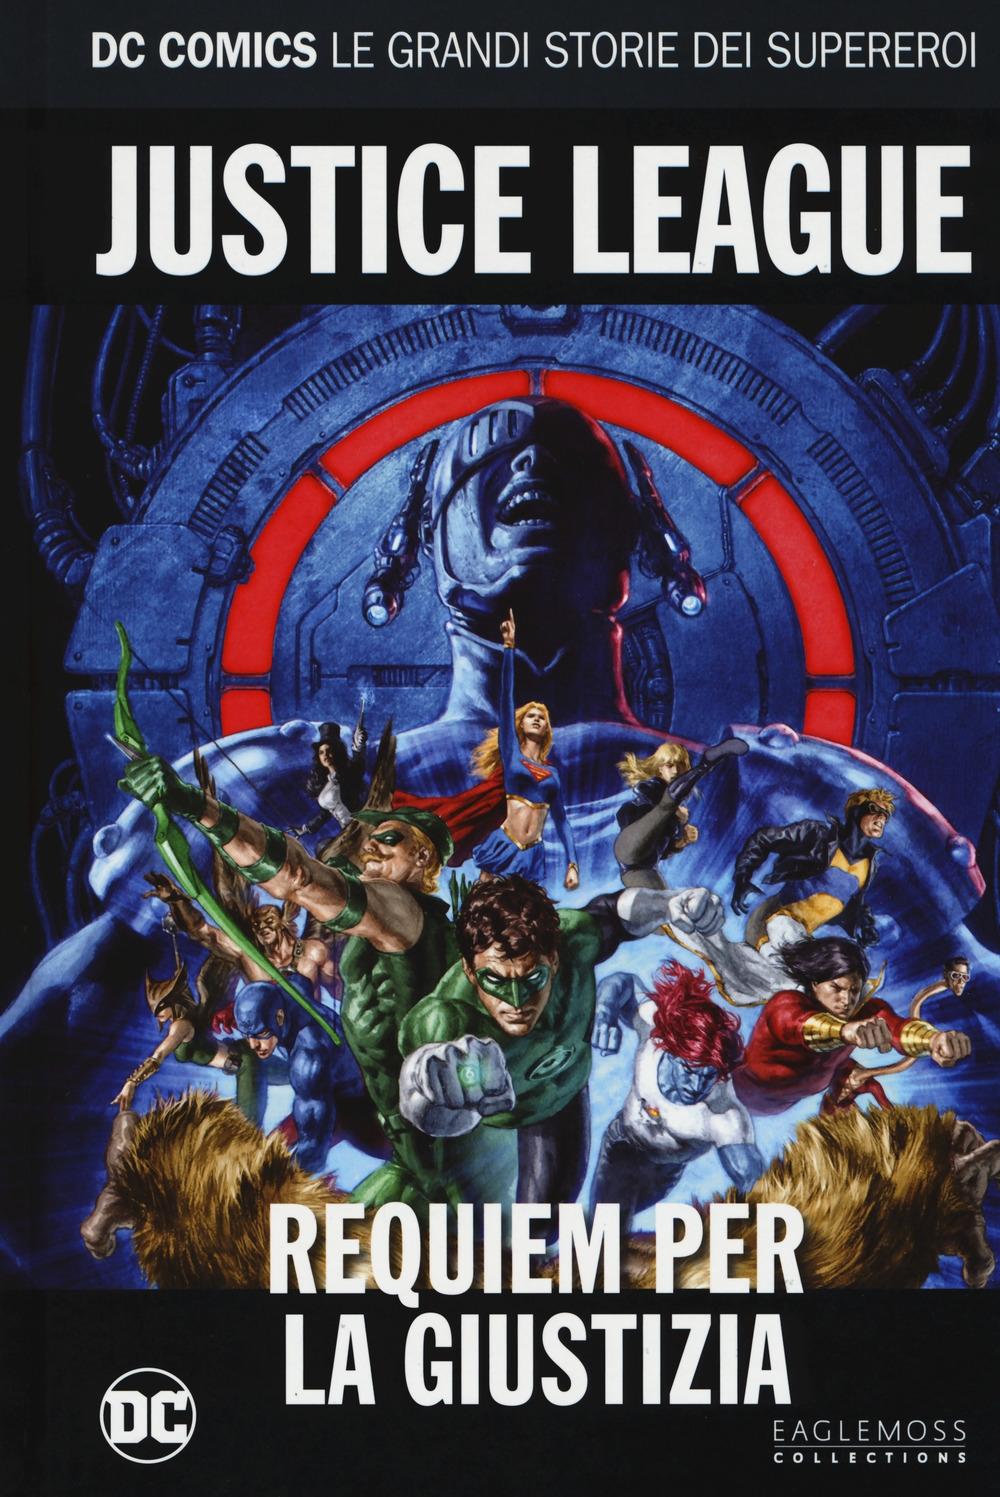 Requiem per la giustizia. Justice league. Le grandi storie dei supereroi. Vol. 59